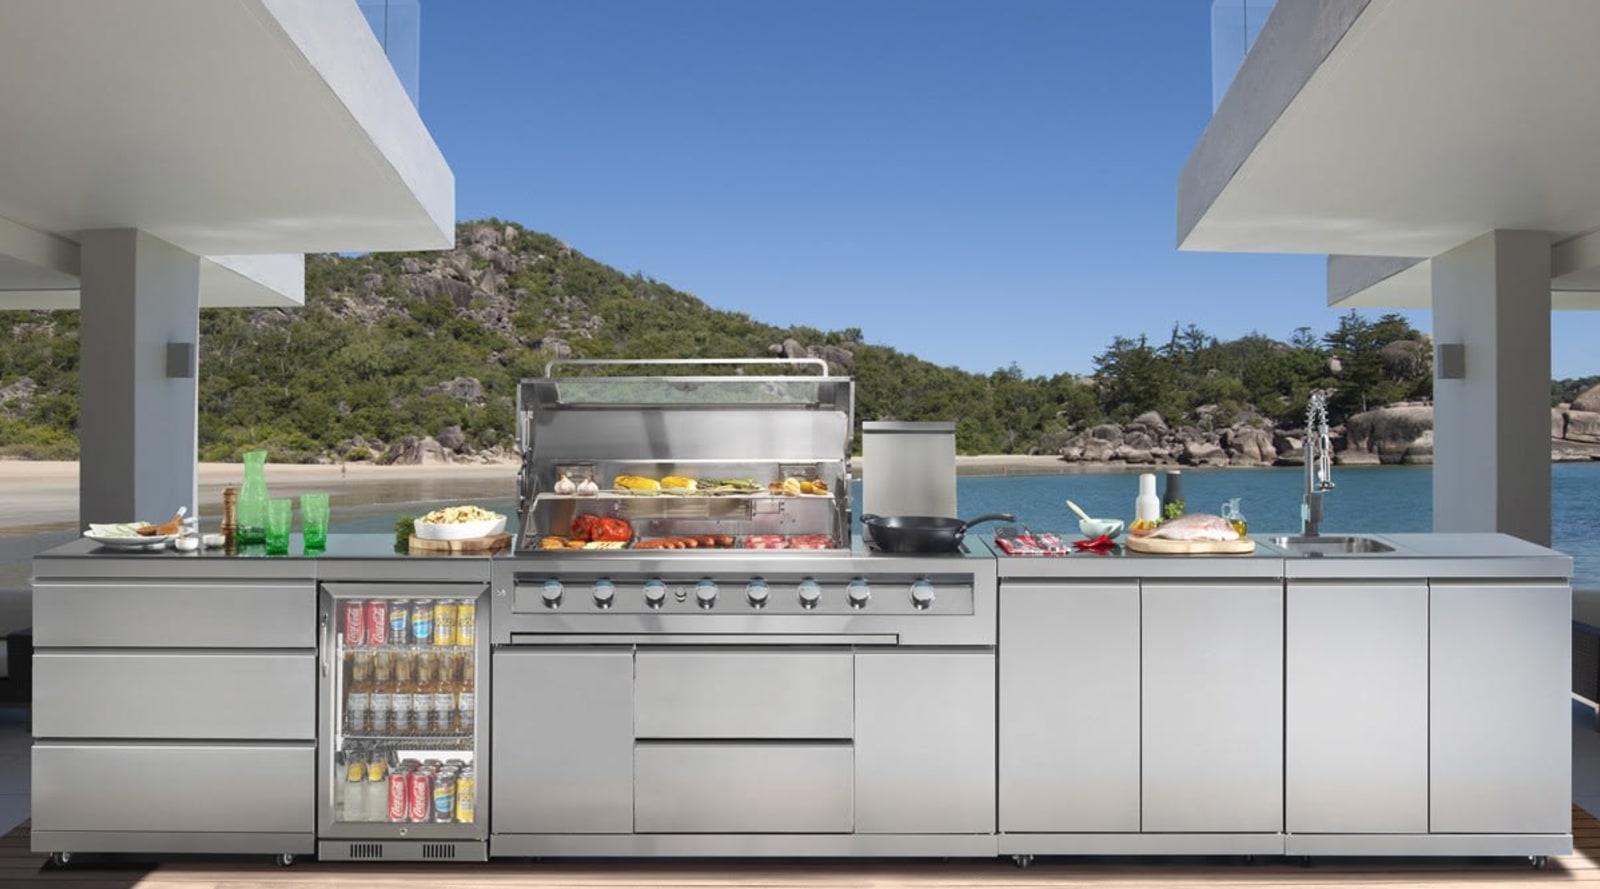 Gasmate Luxury Outdoor Kitchen   Trends